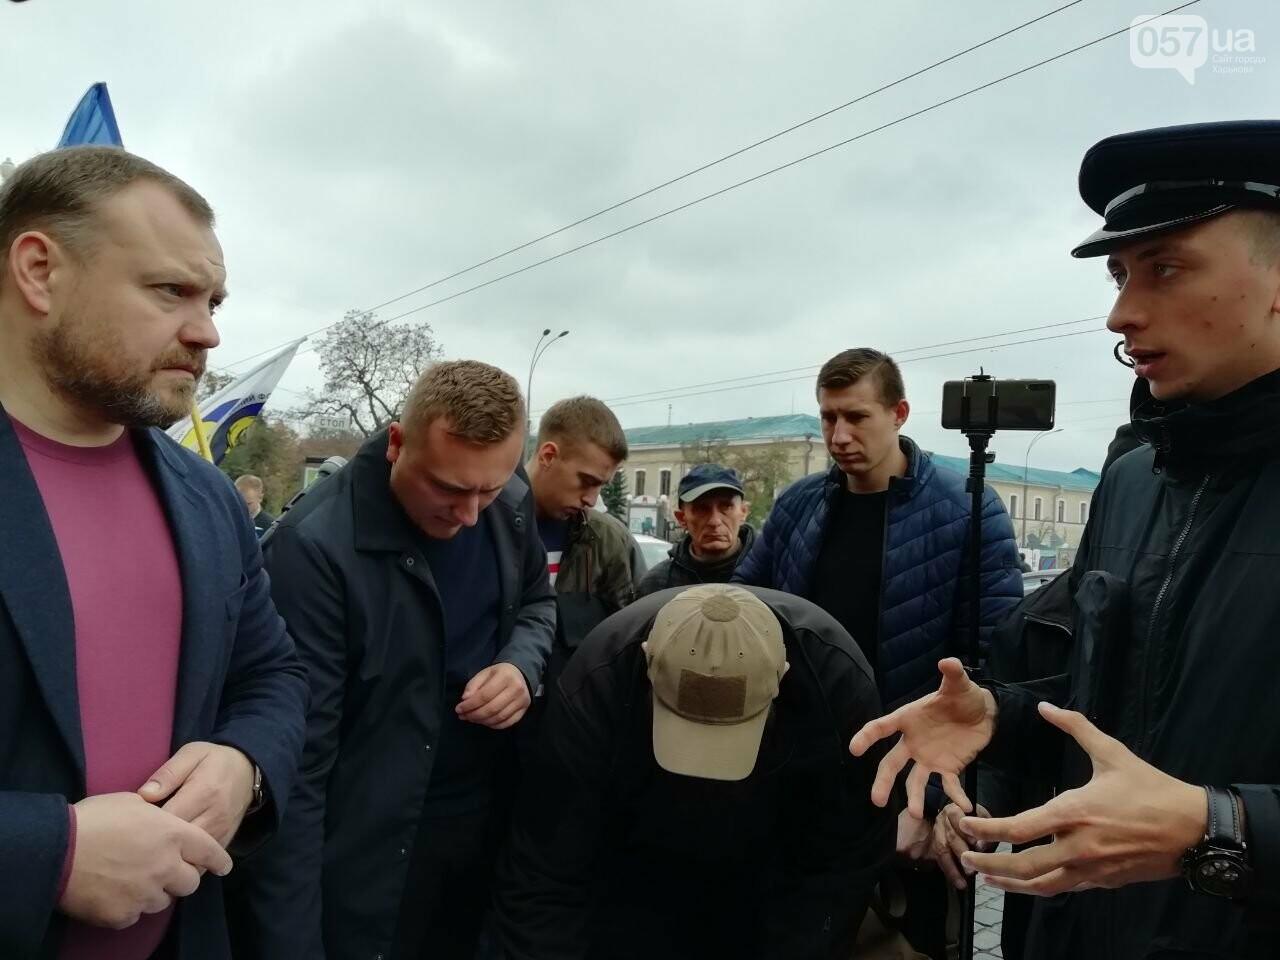 «Нет капитуляции»: харьковские активисты написали коллективное обращение к Зеленскому, - ФОТО, фото-12